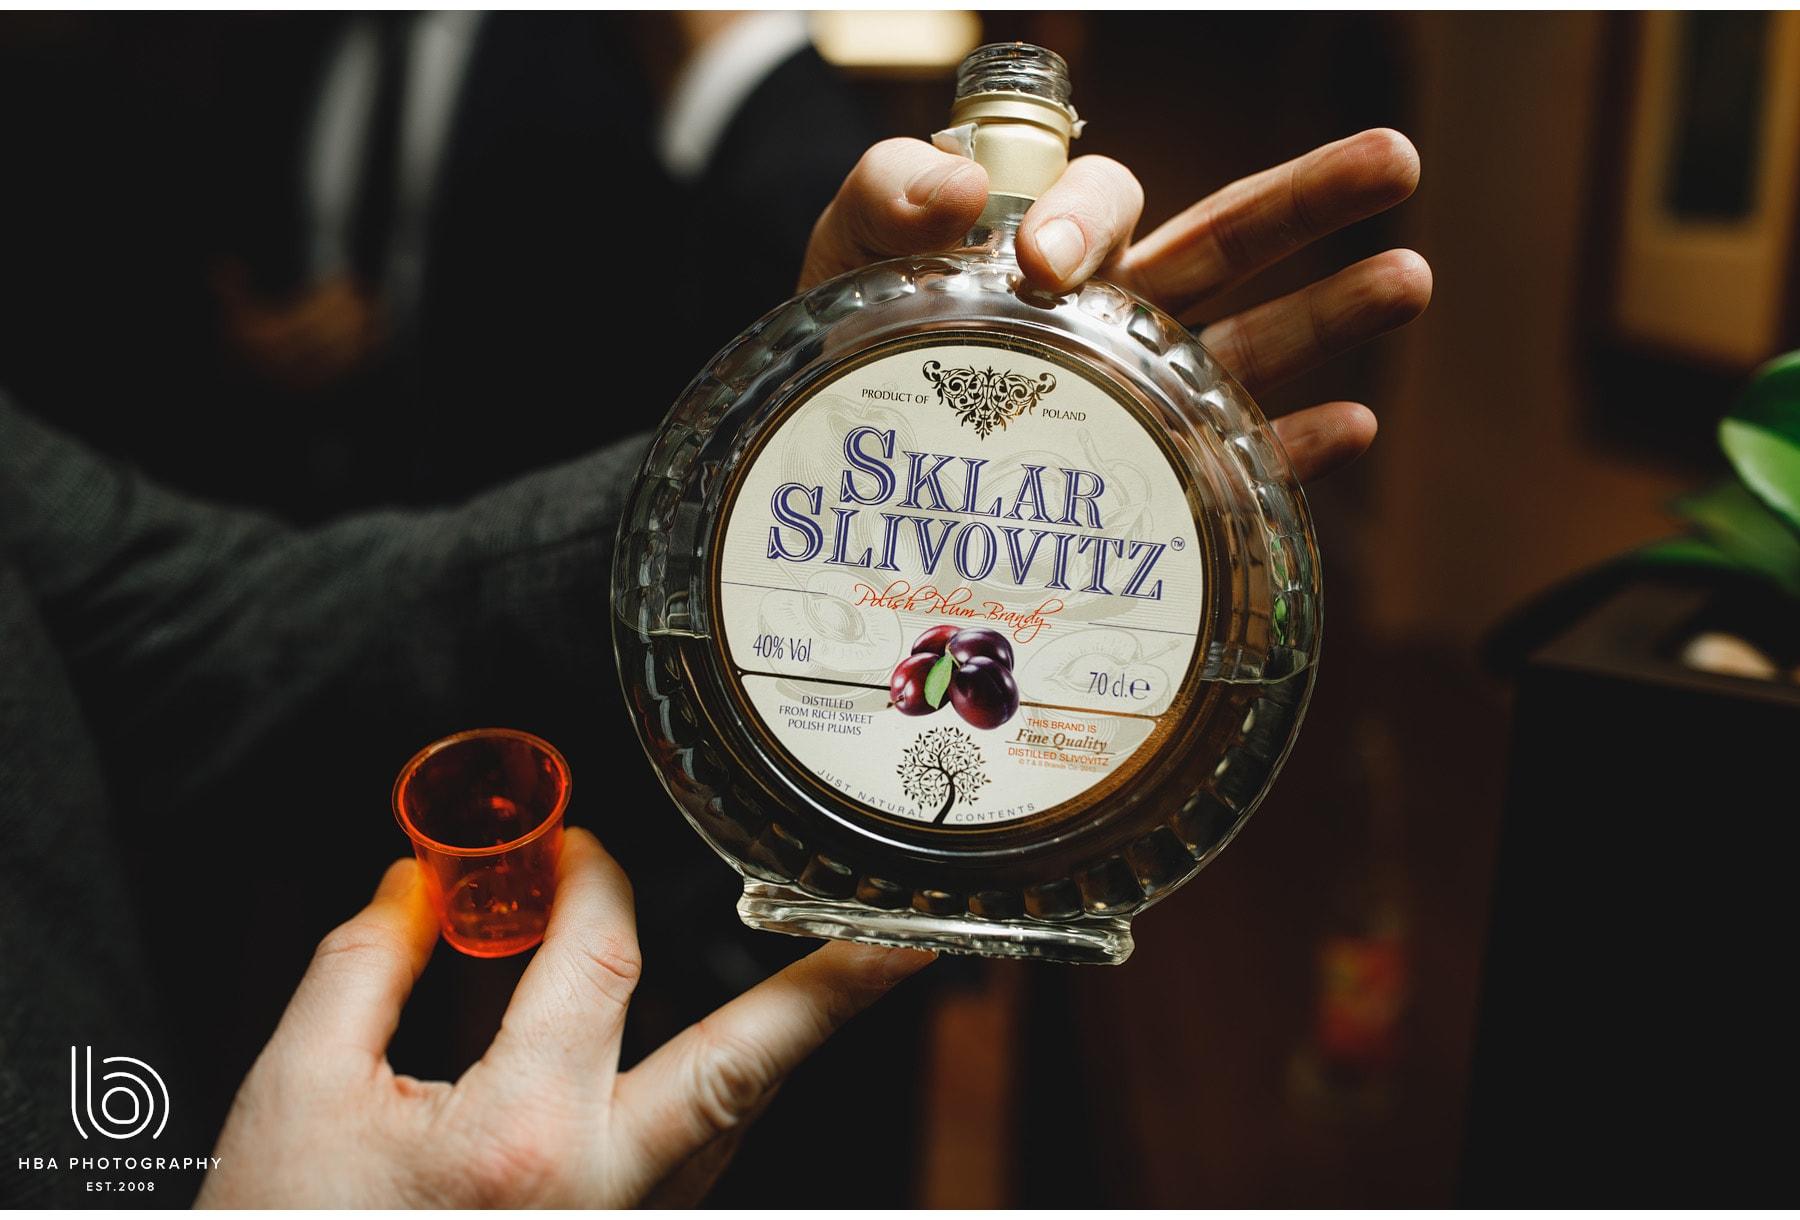 Polish brandy being passed around